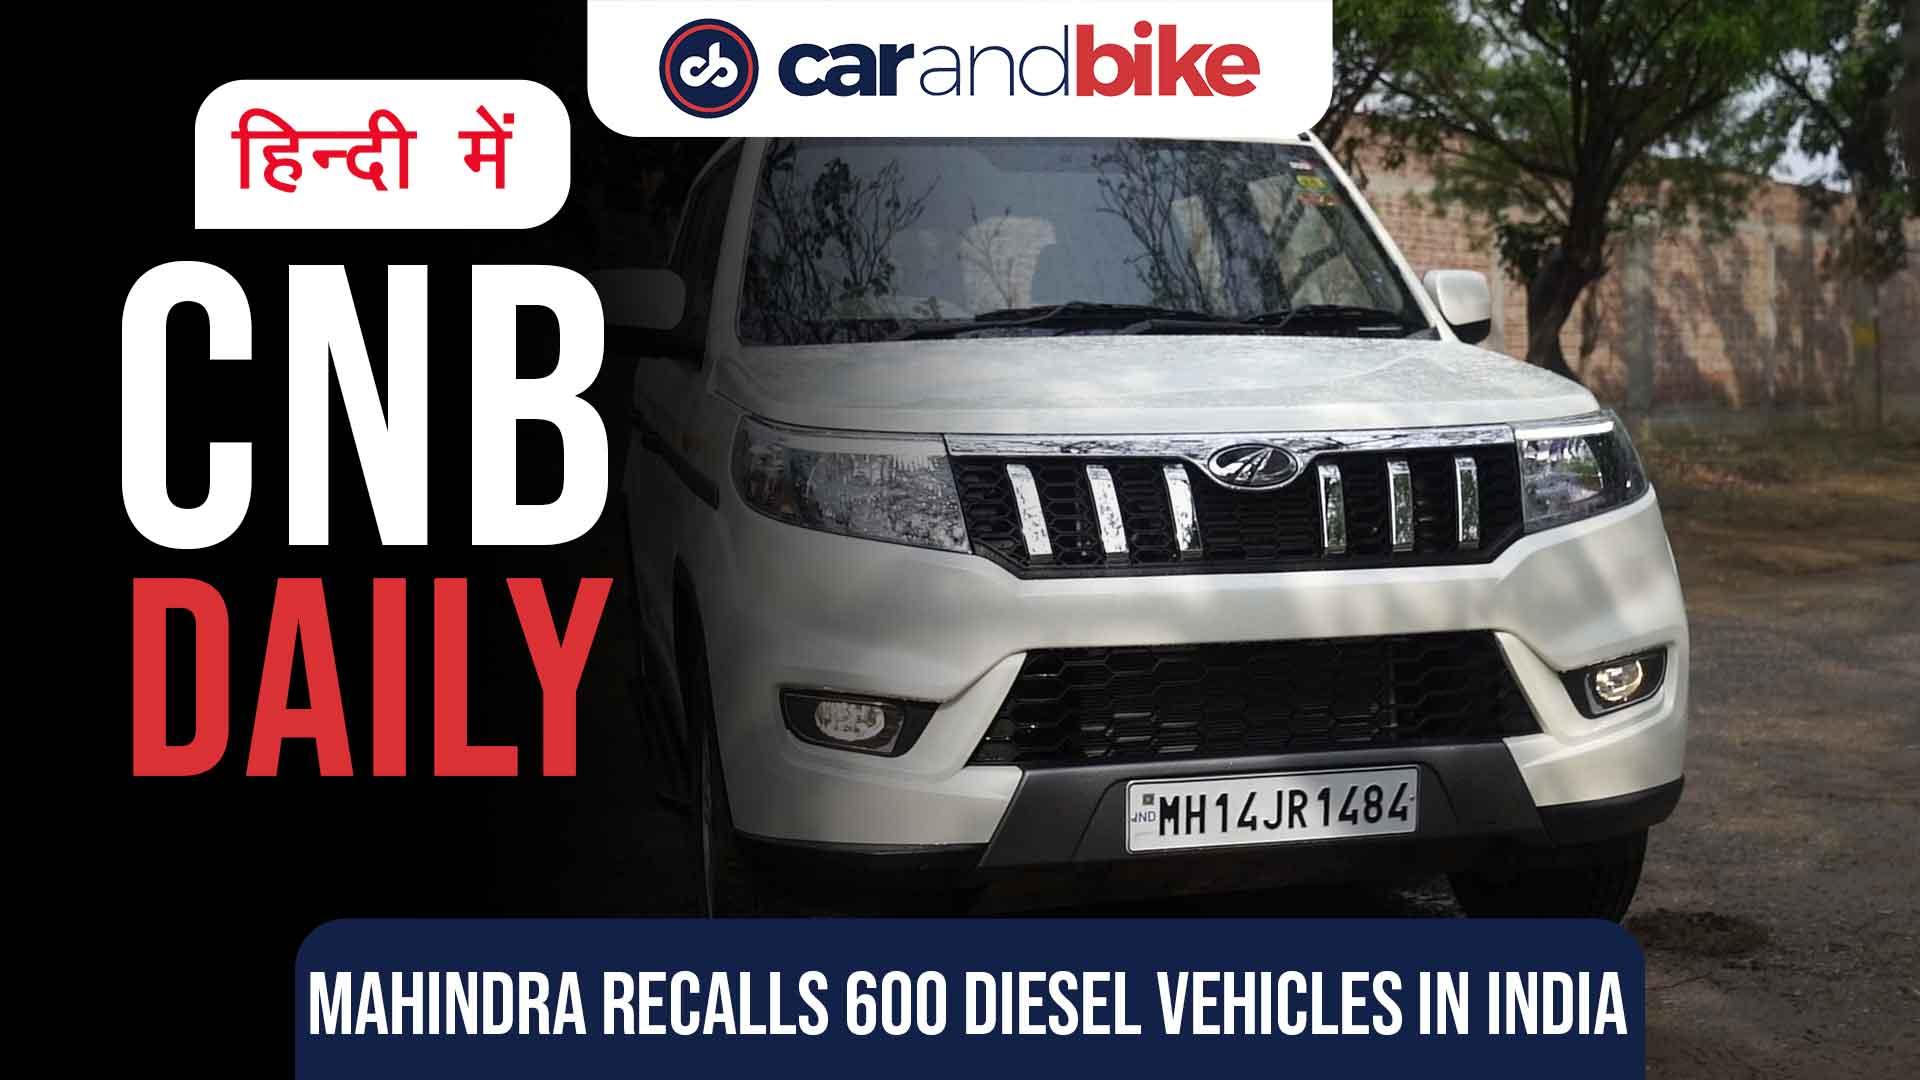 महिंद्रा ने भारत में रिकॉल किए 600 डीज़ल वाहन